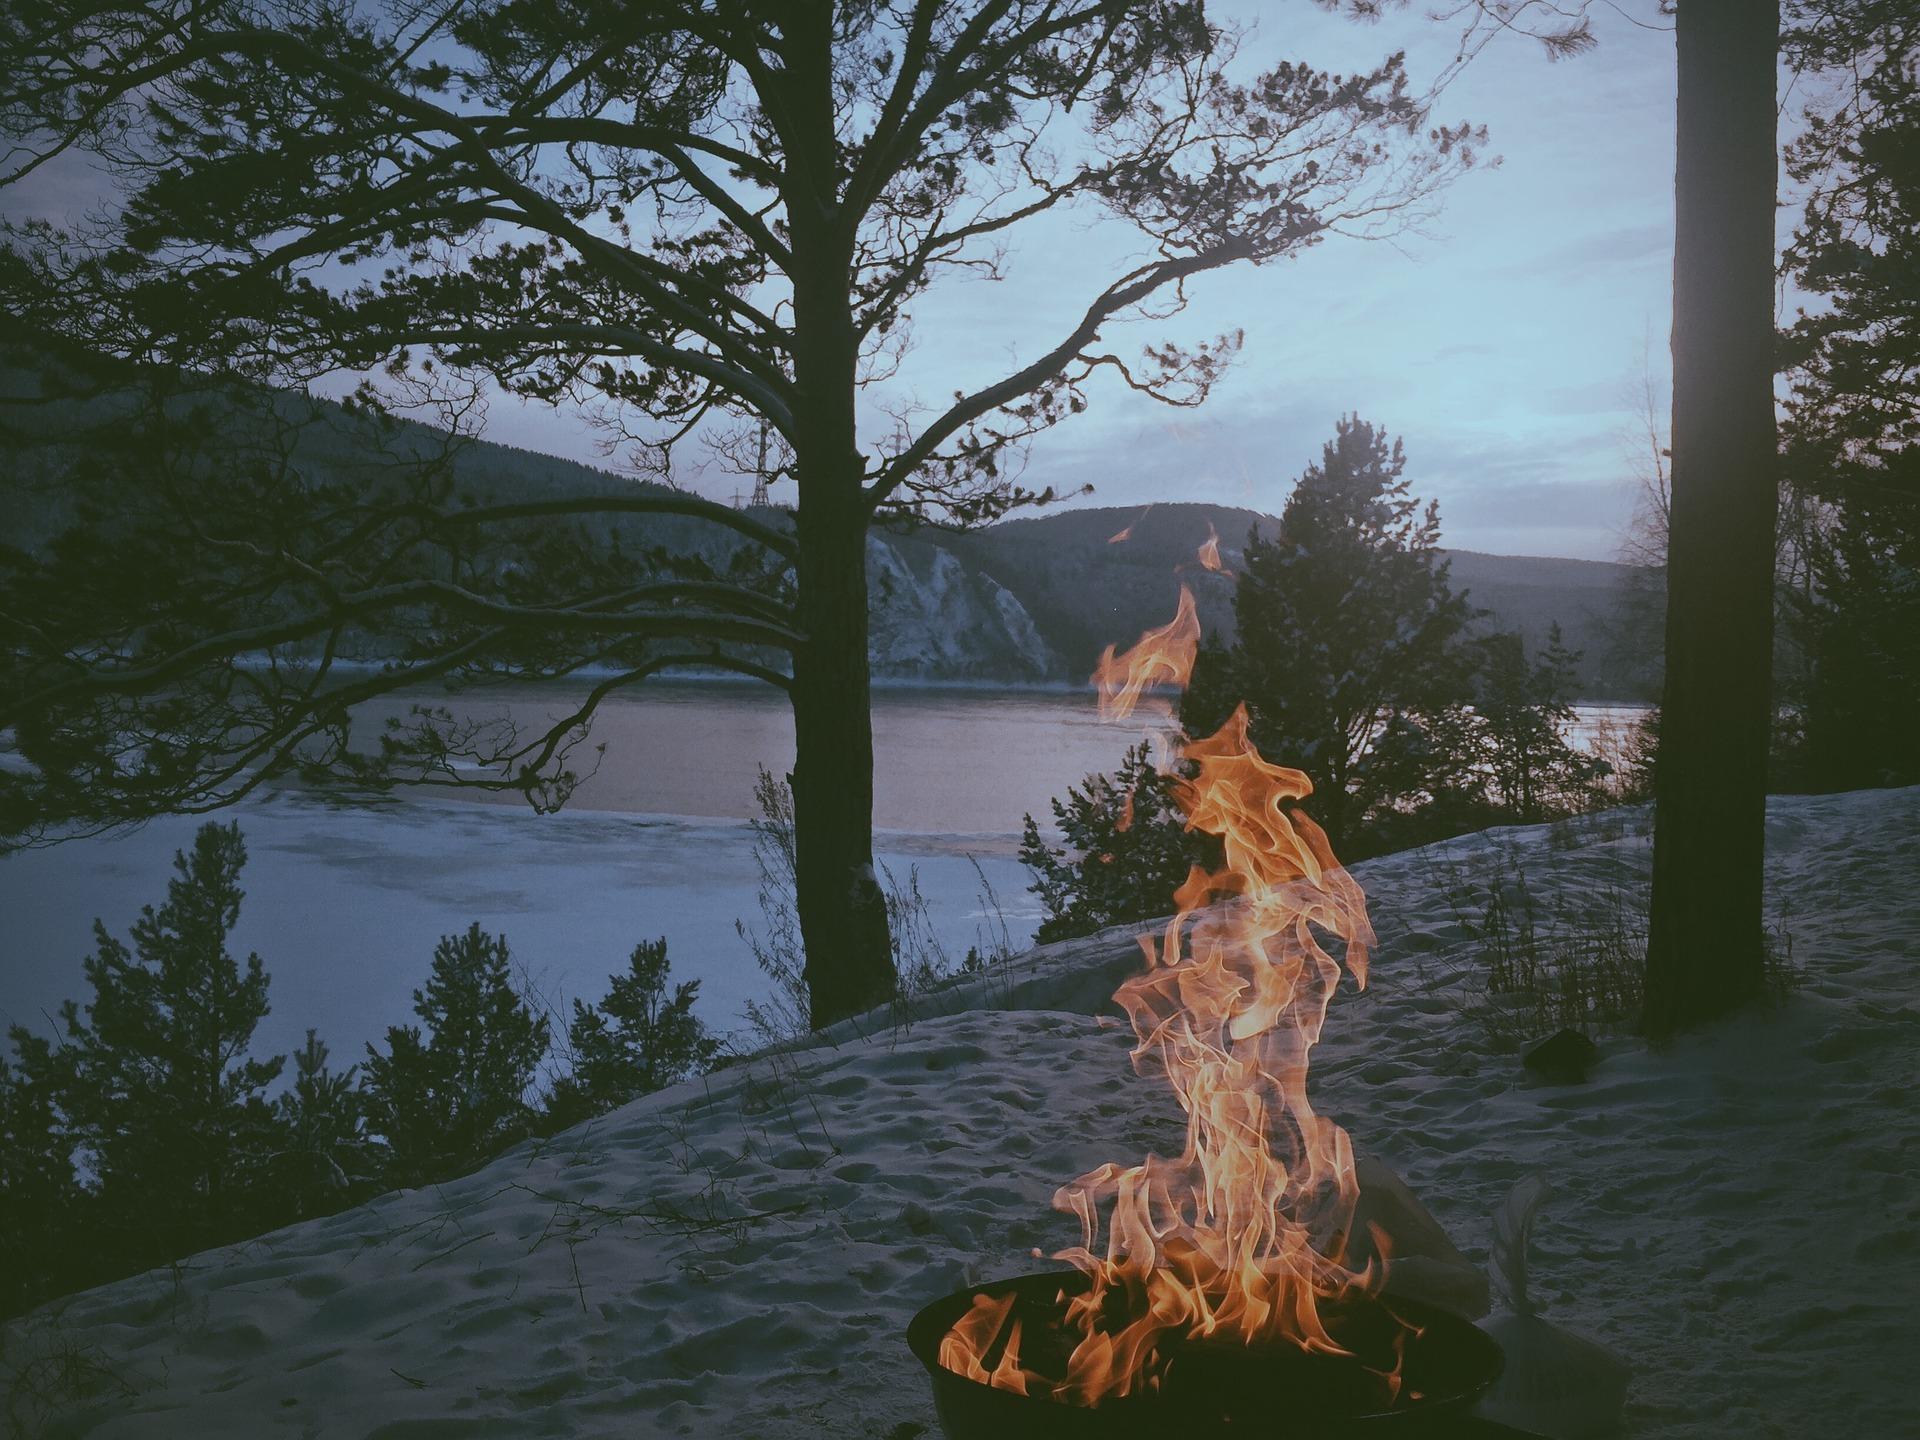 fire-1209451_1920.jpg